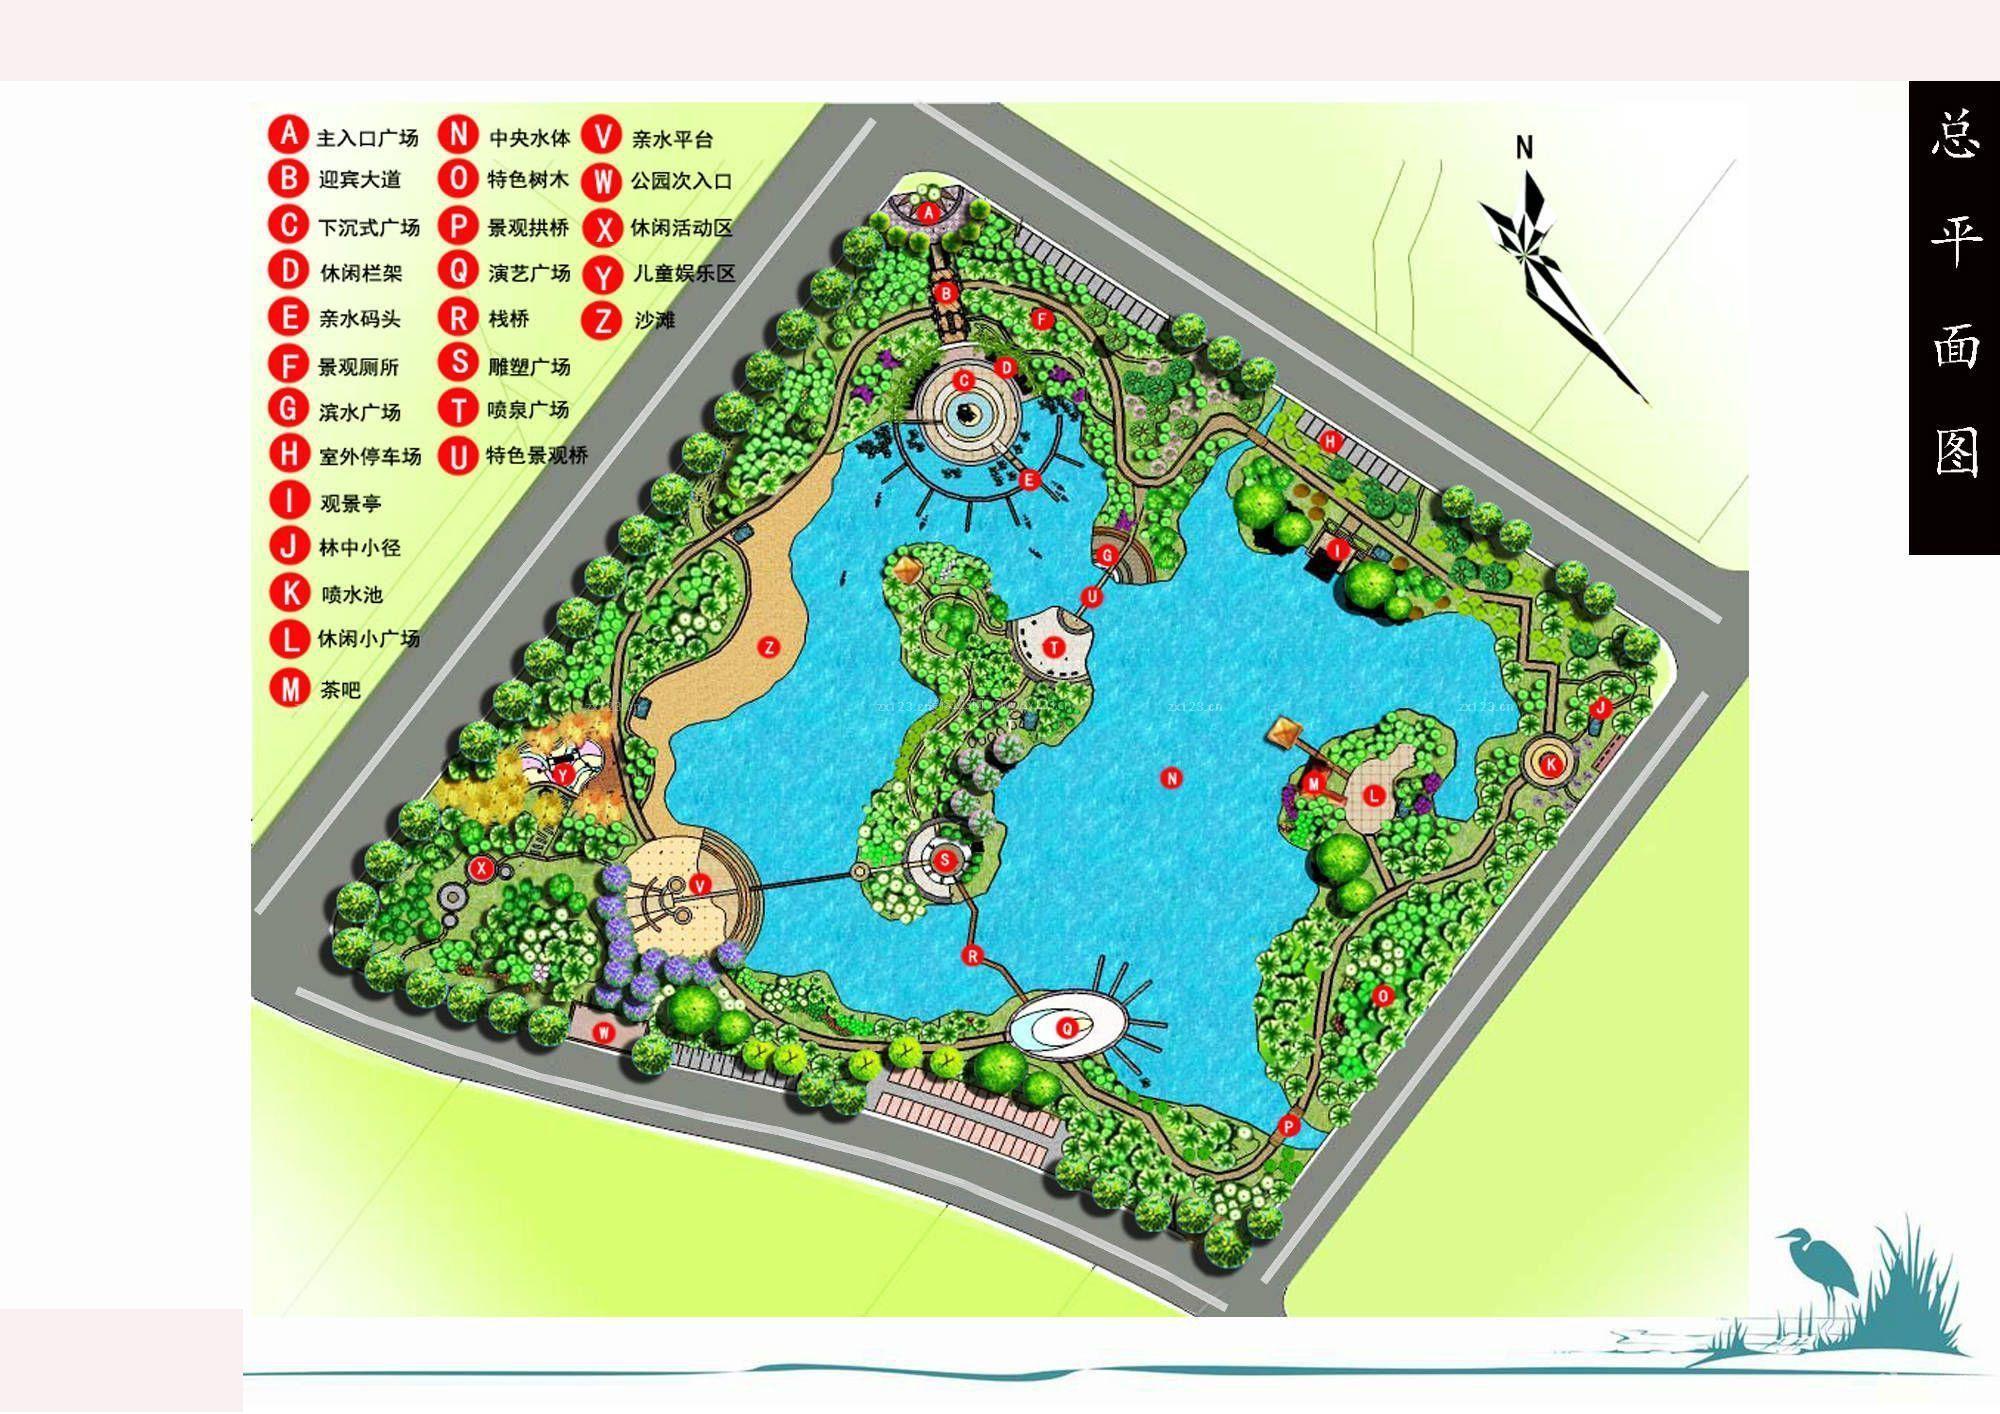 公园景观总平面图